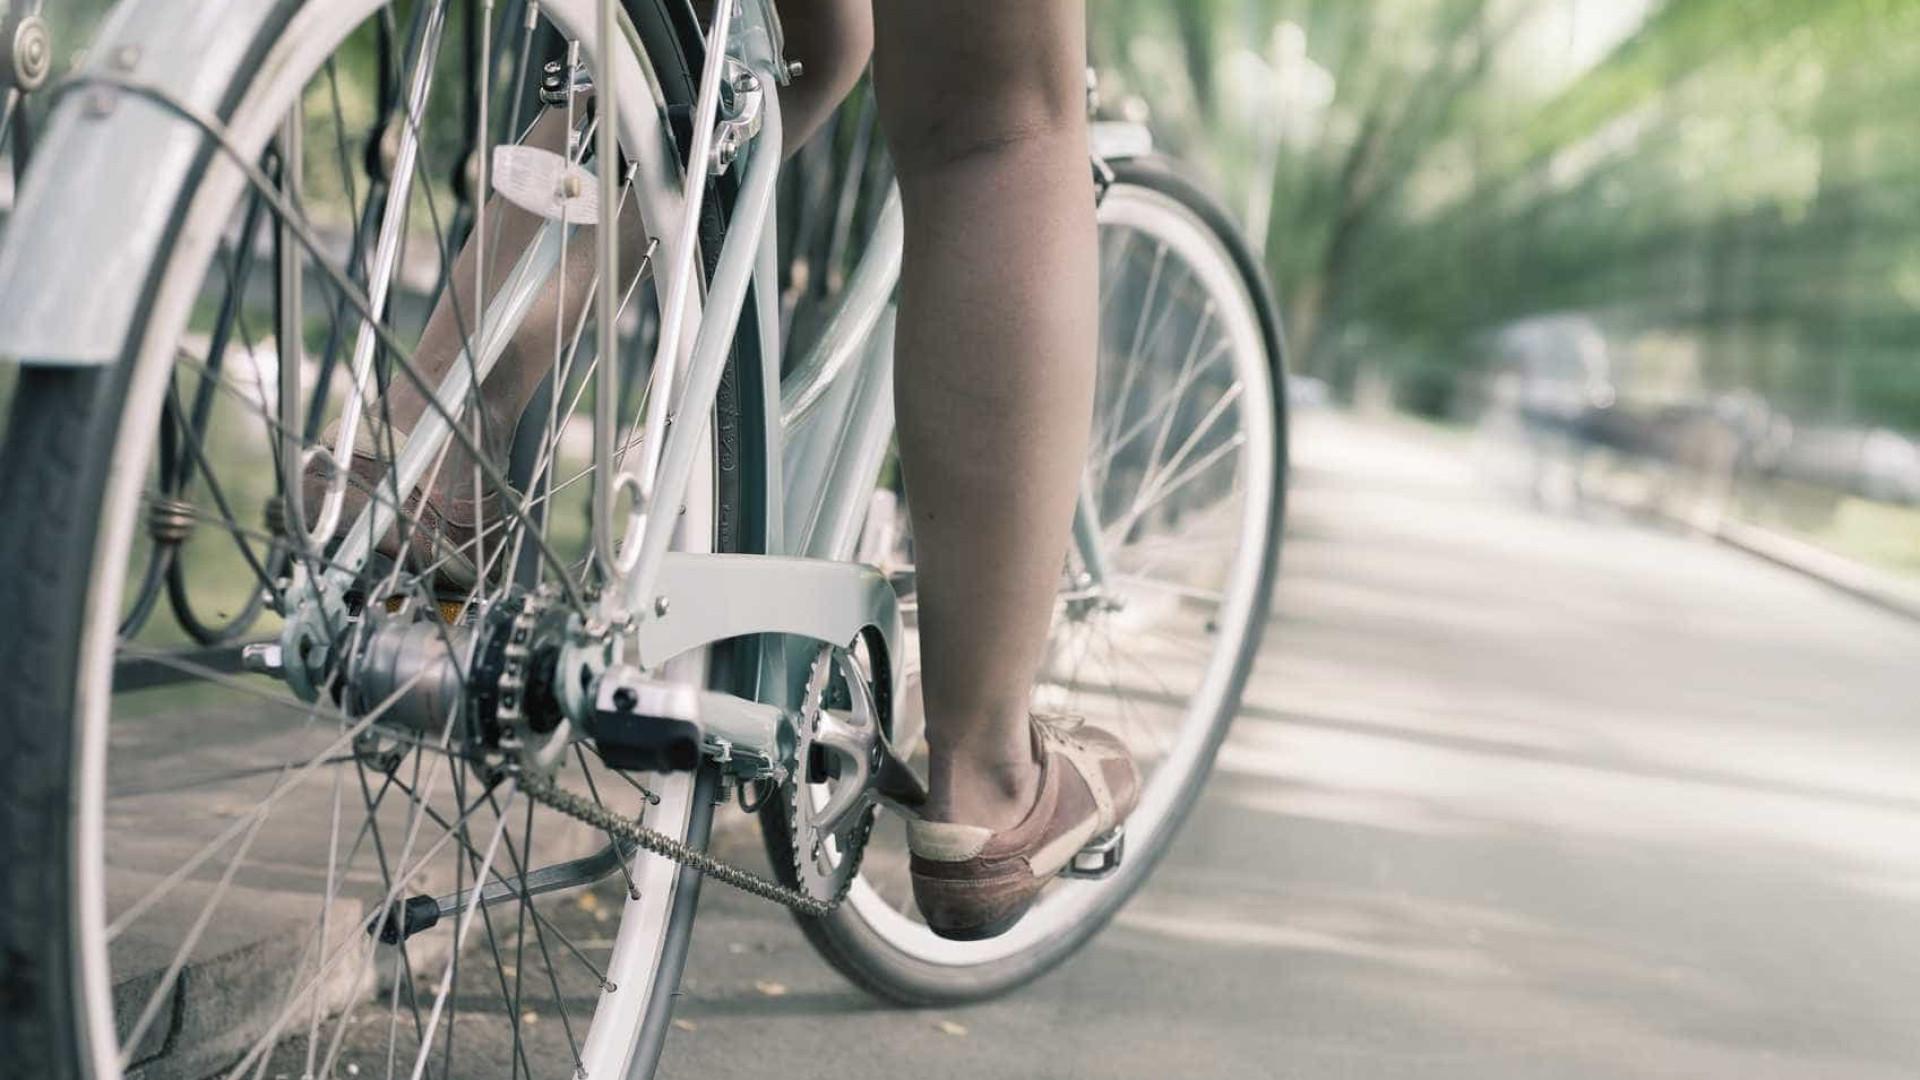 Associações procuram em Lisboa estratégias para promover uso da bicicleta